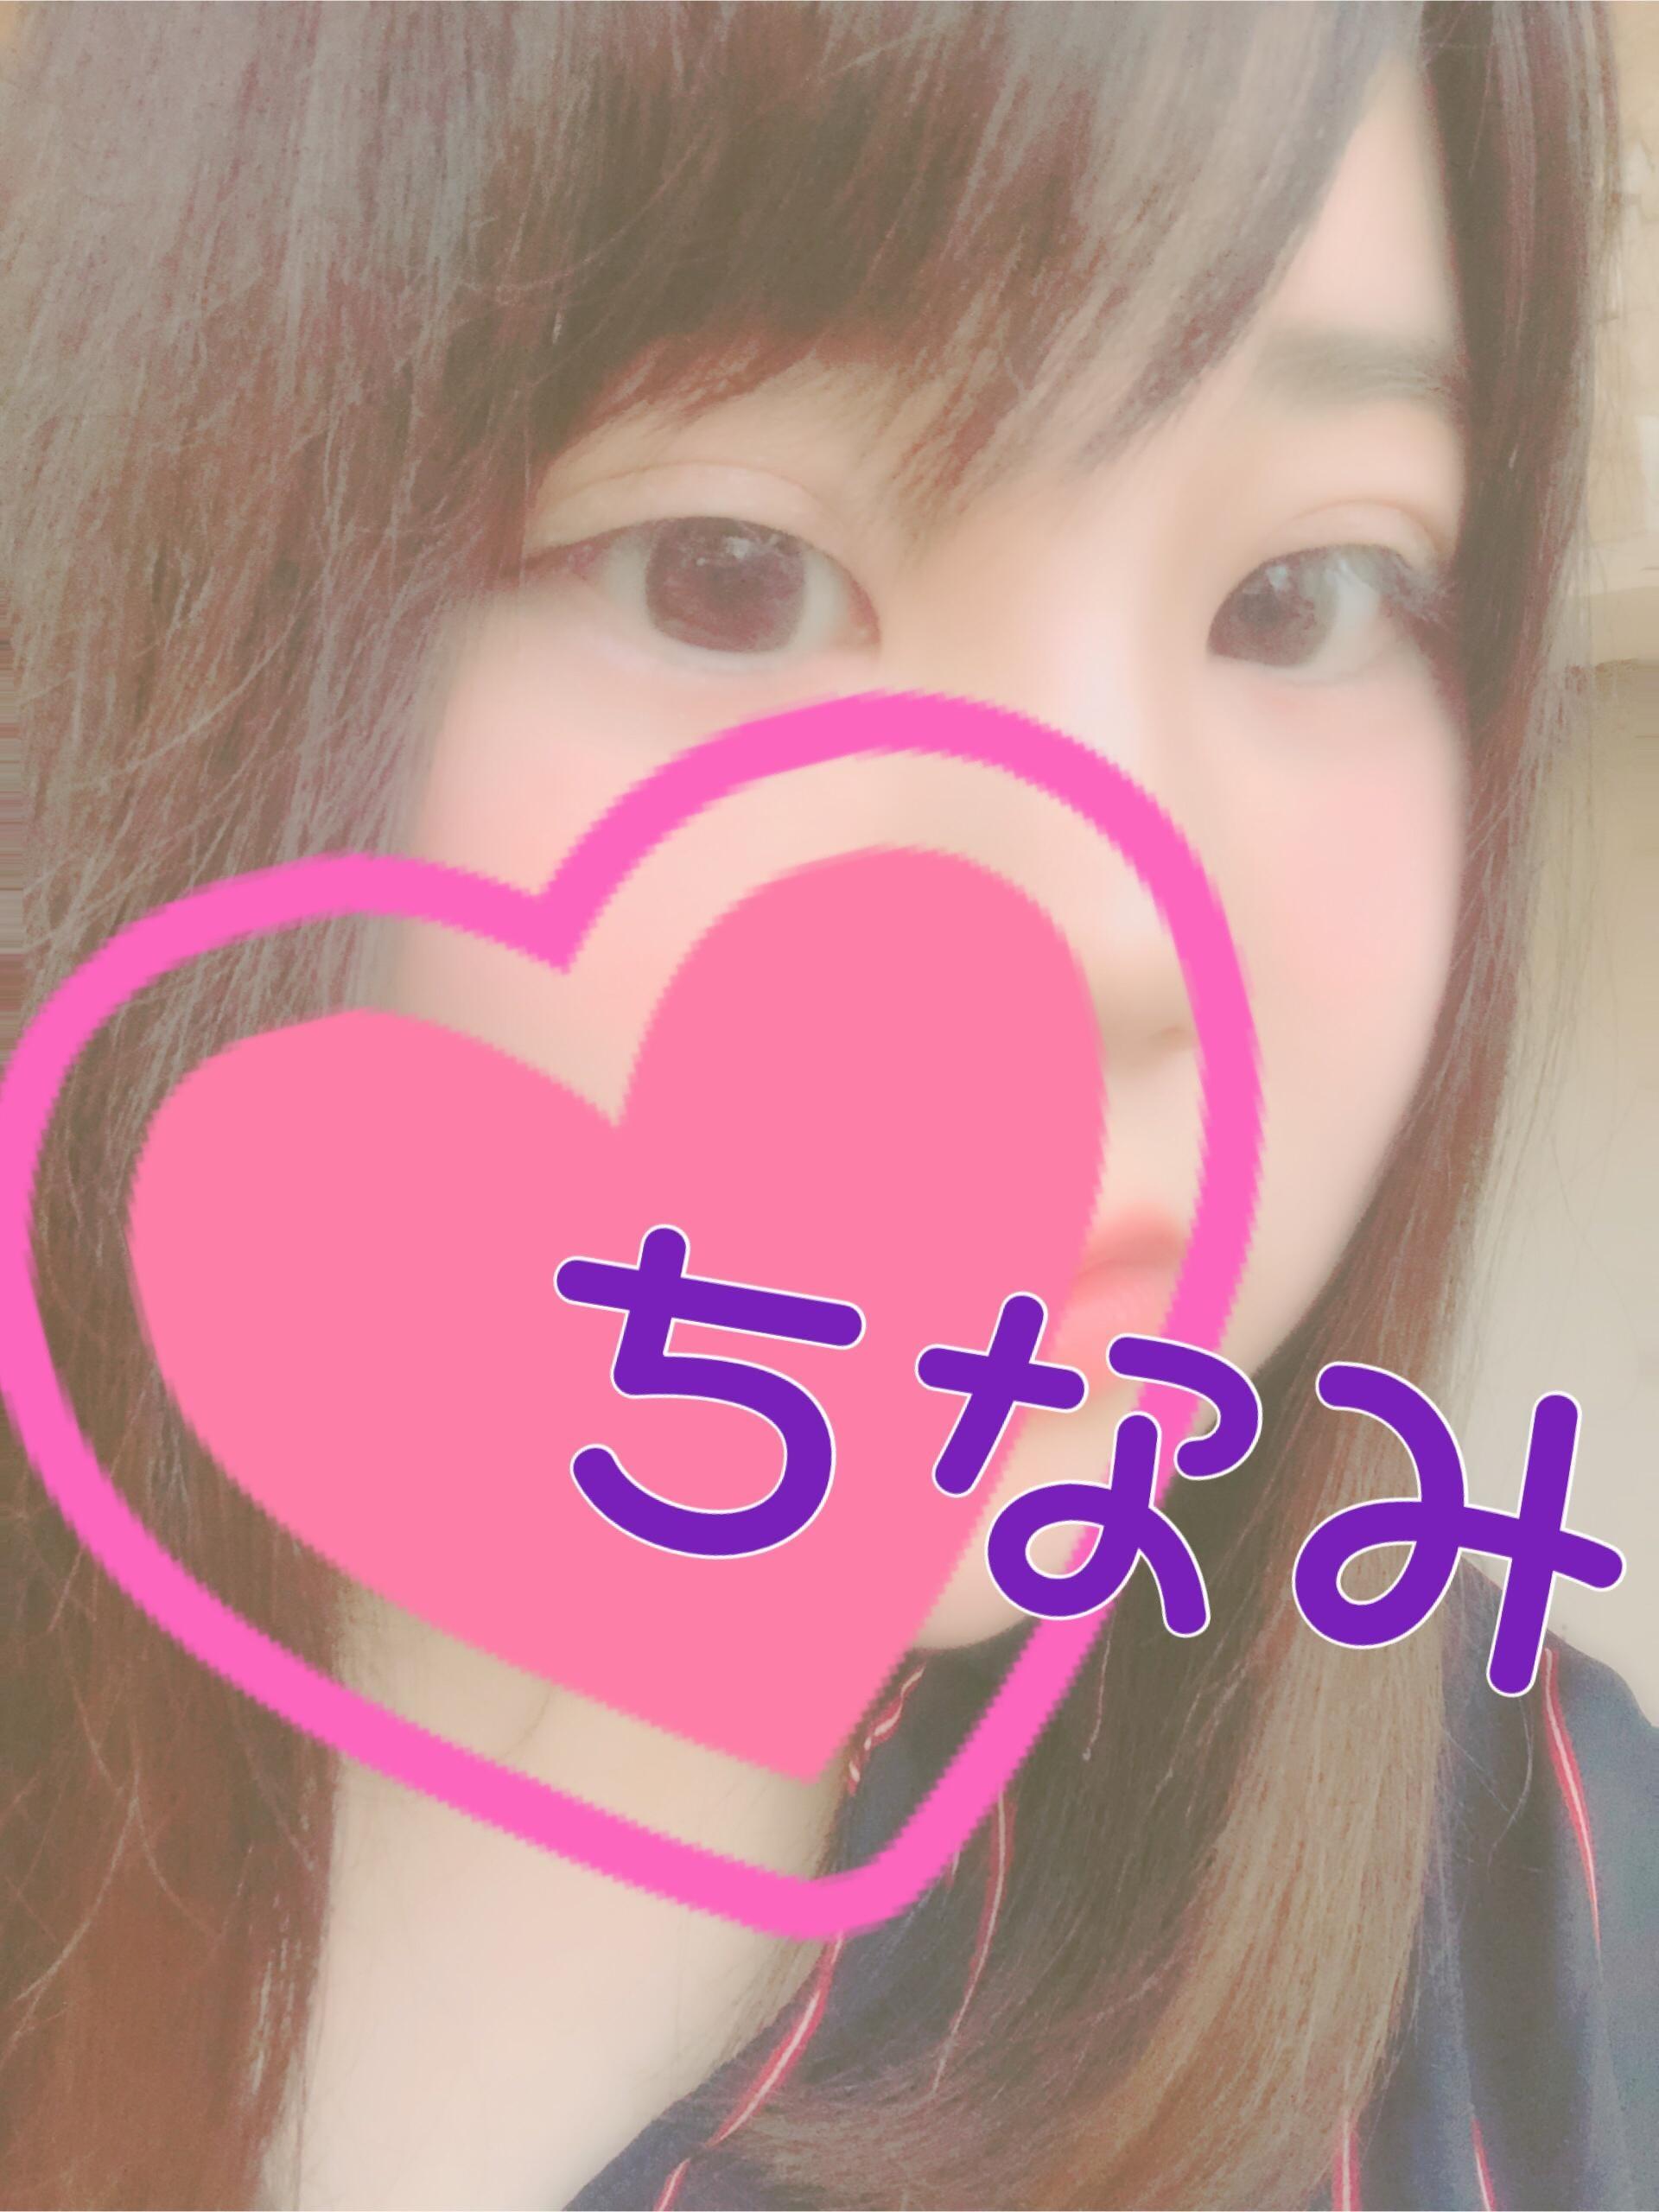 「おやすーみ!」07/15(日) 19:38   ちなみの写メ・風俗動画